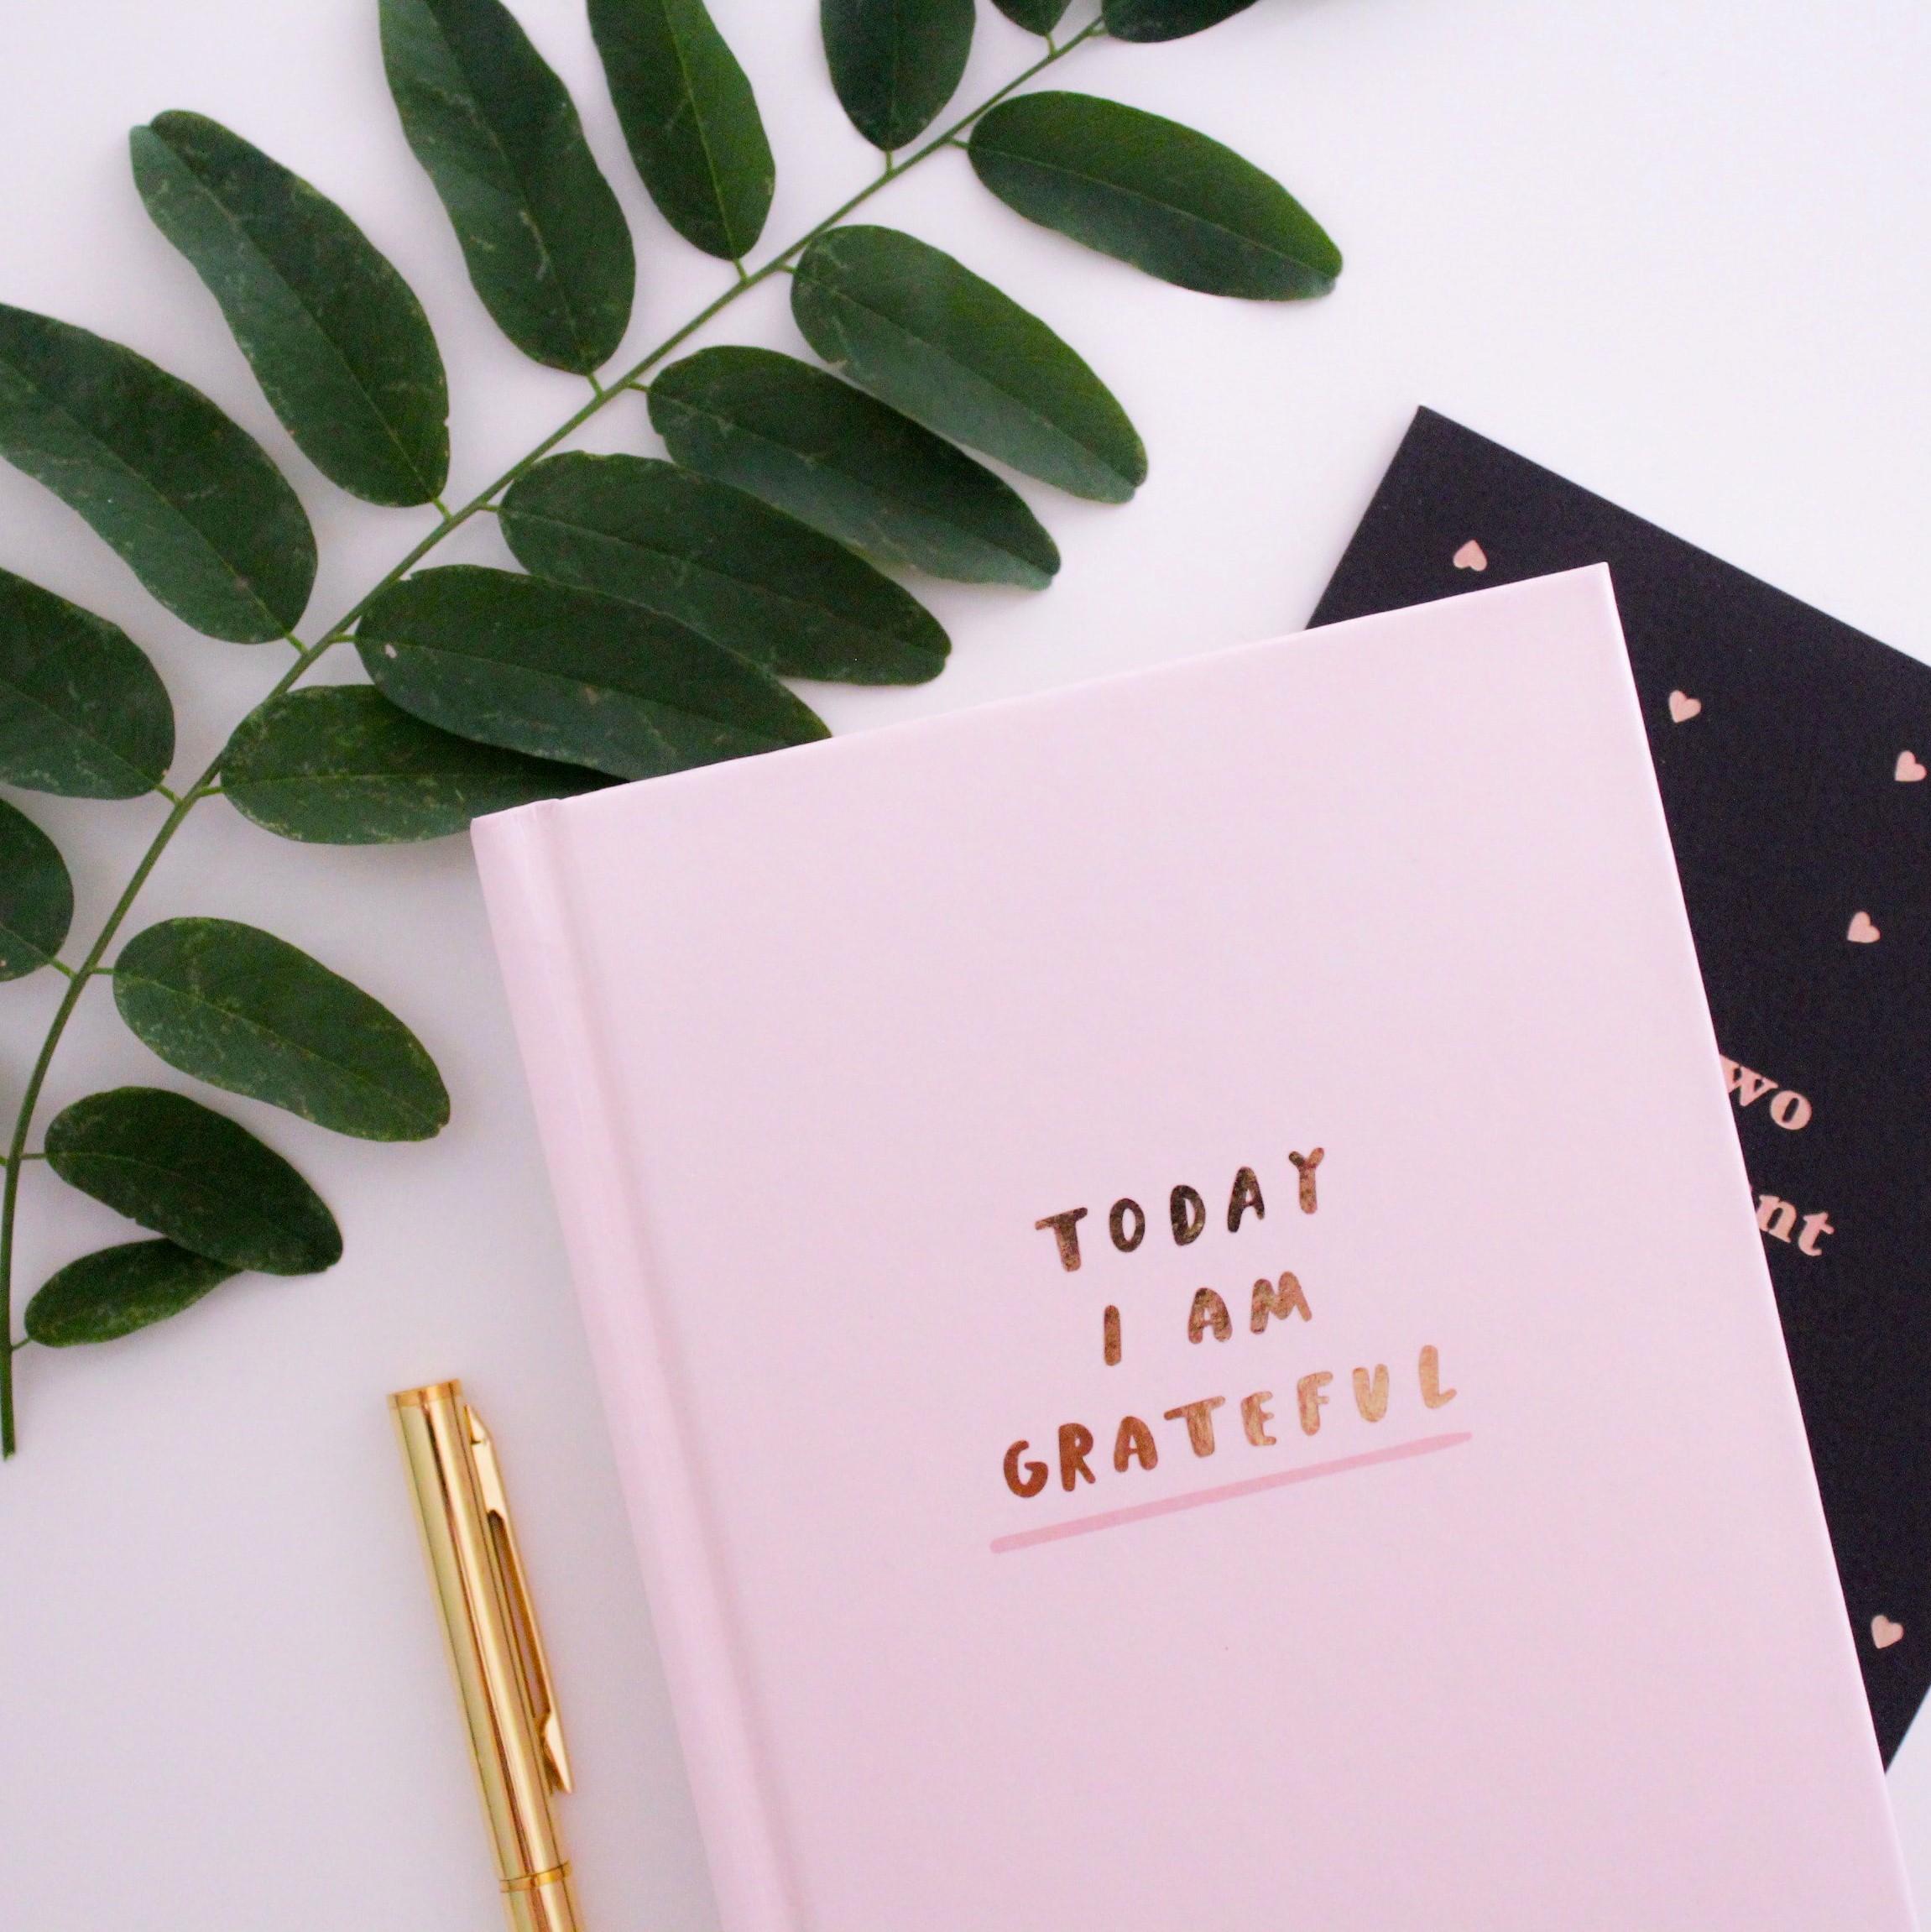 Tagebuch mit Stift und Pflanze